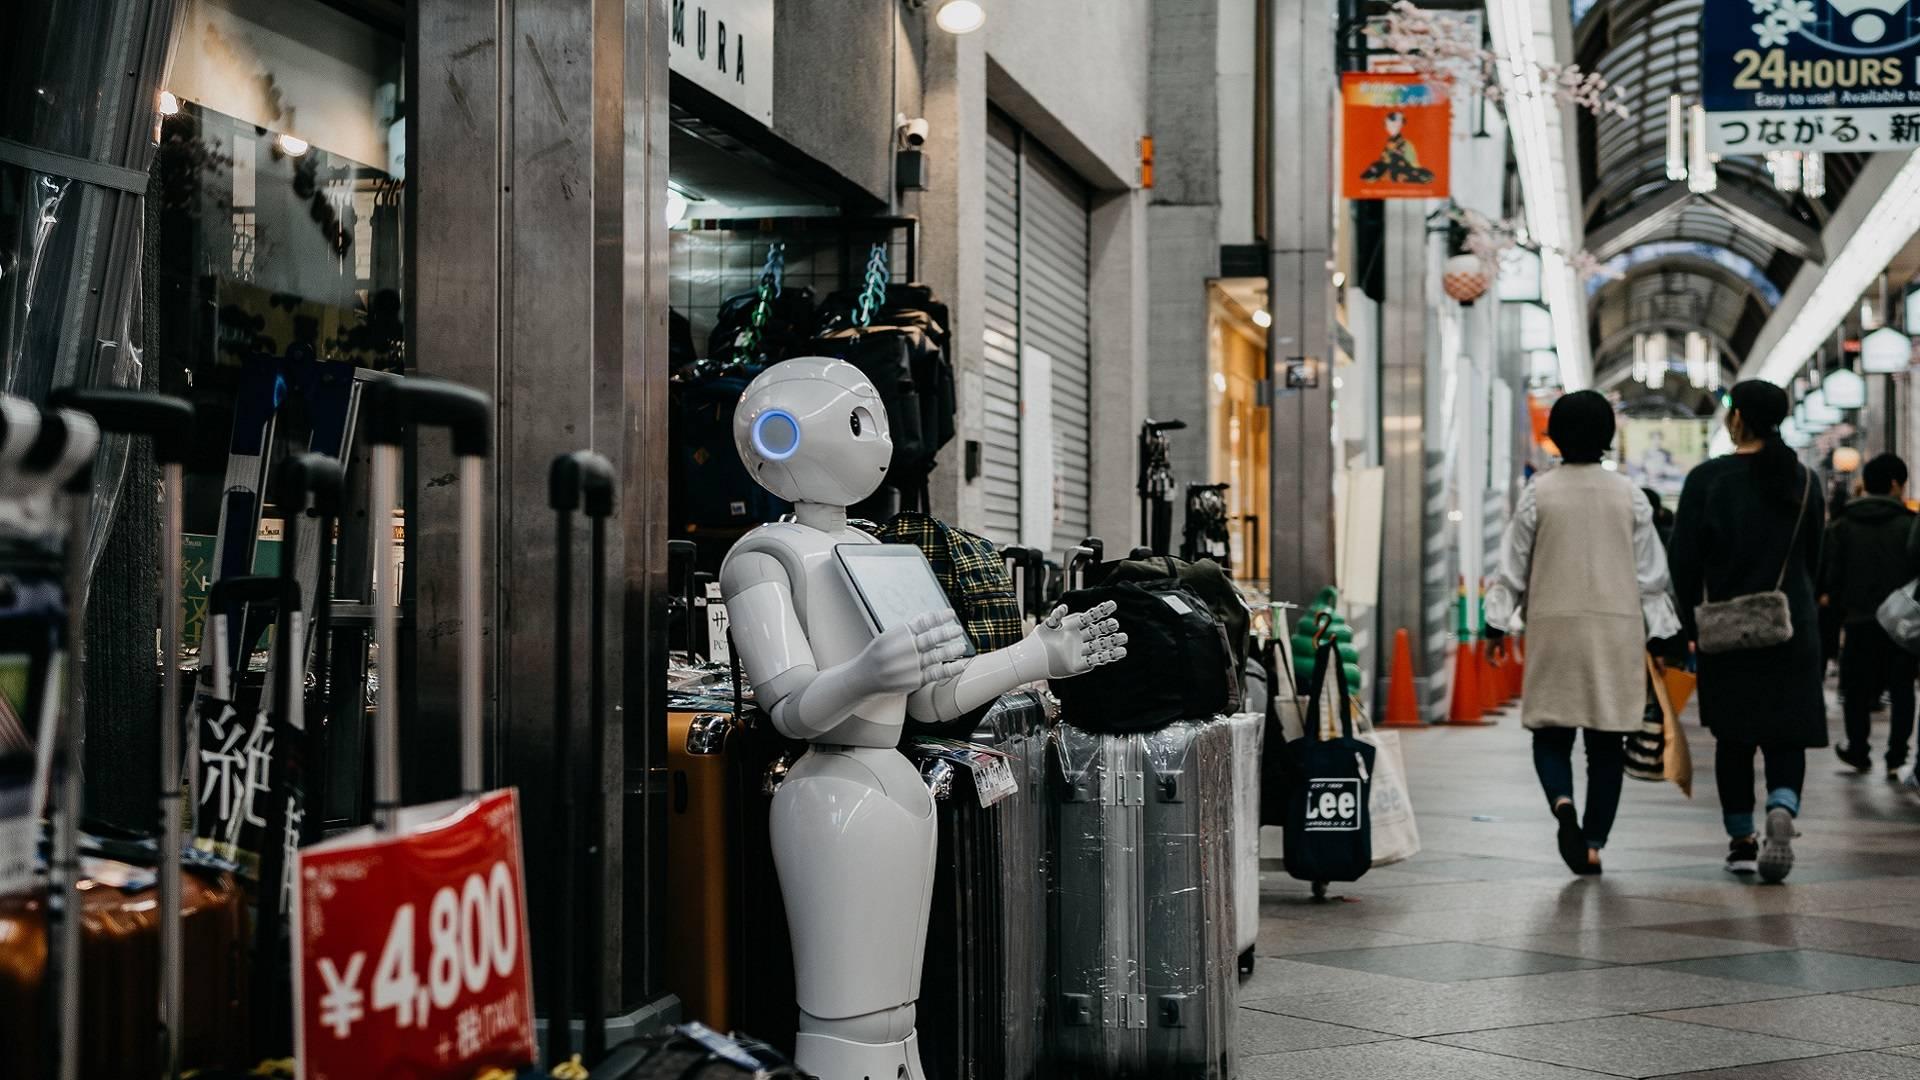 再生与新声——中国零售科技与潮流趋势研究报告